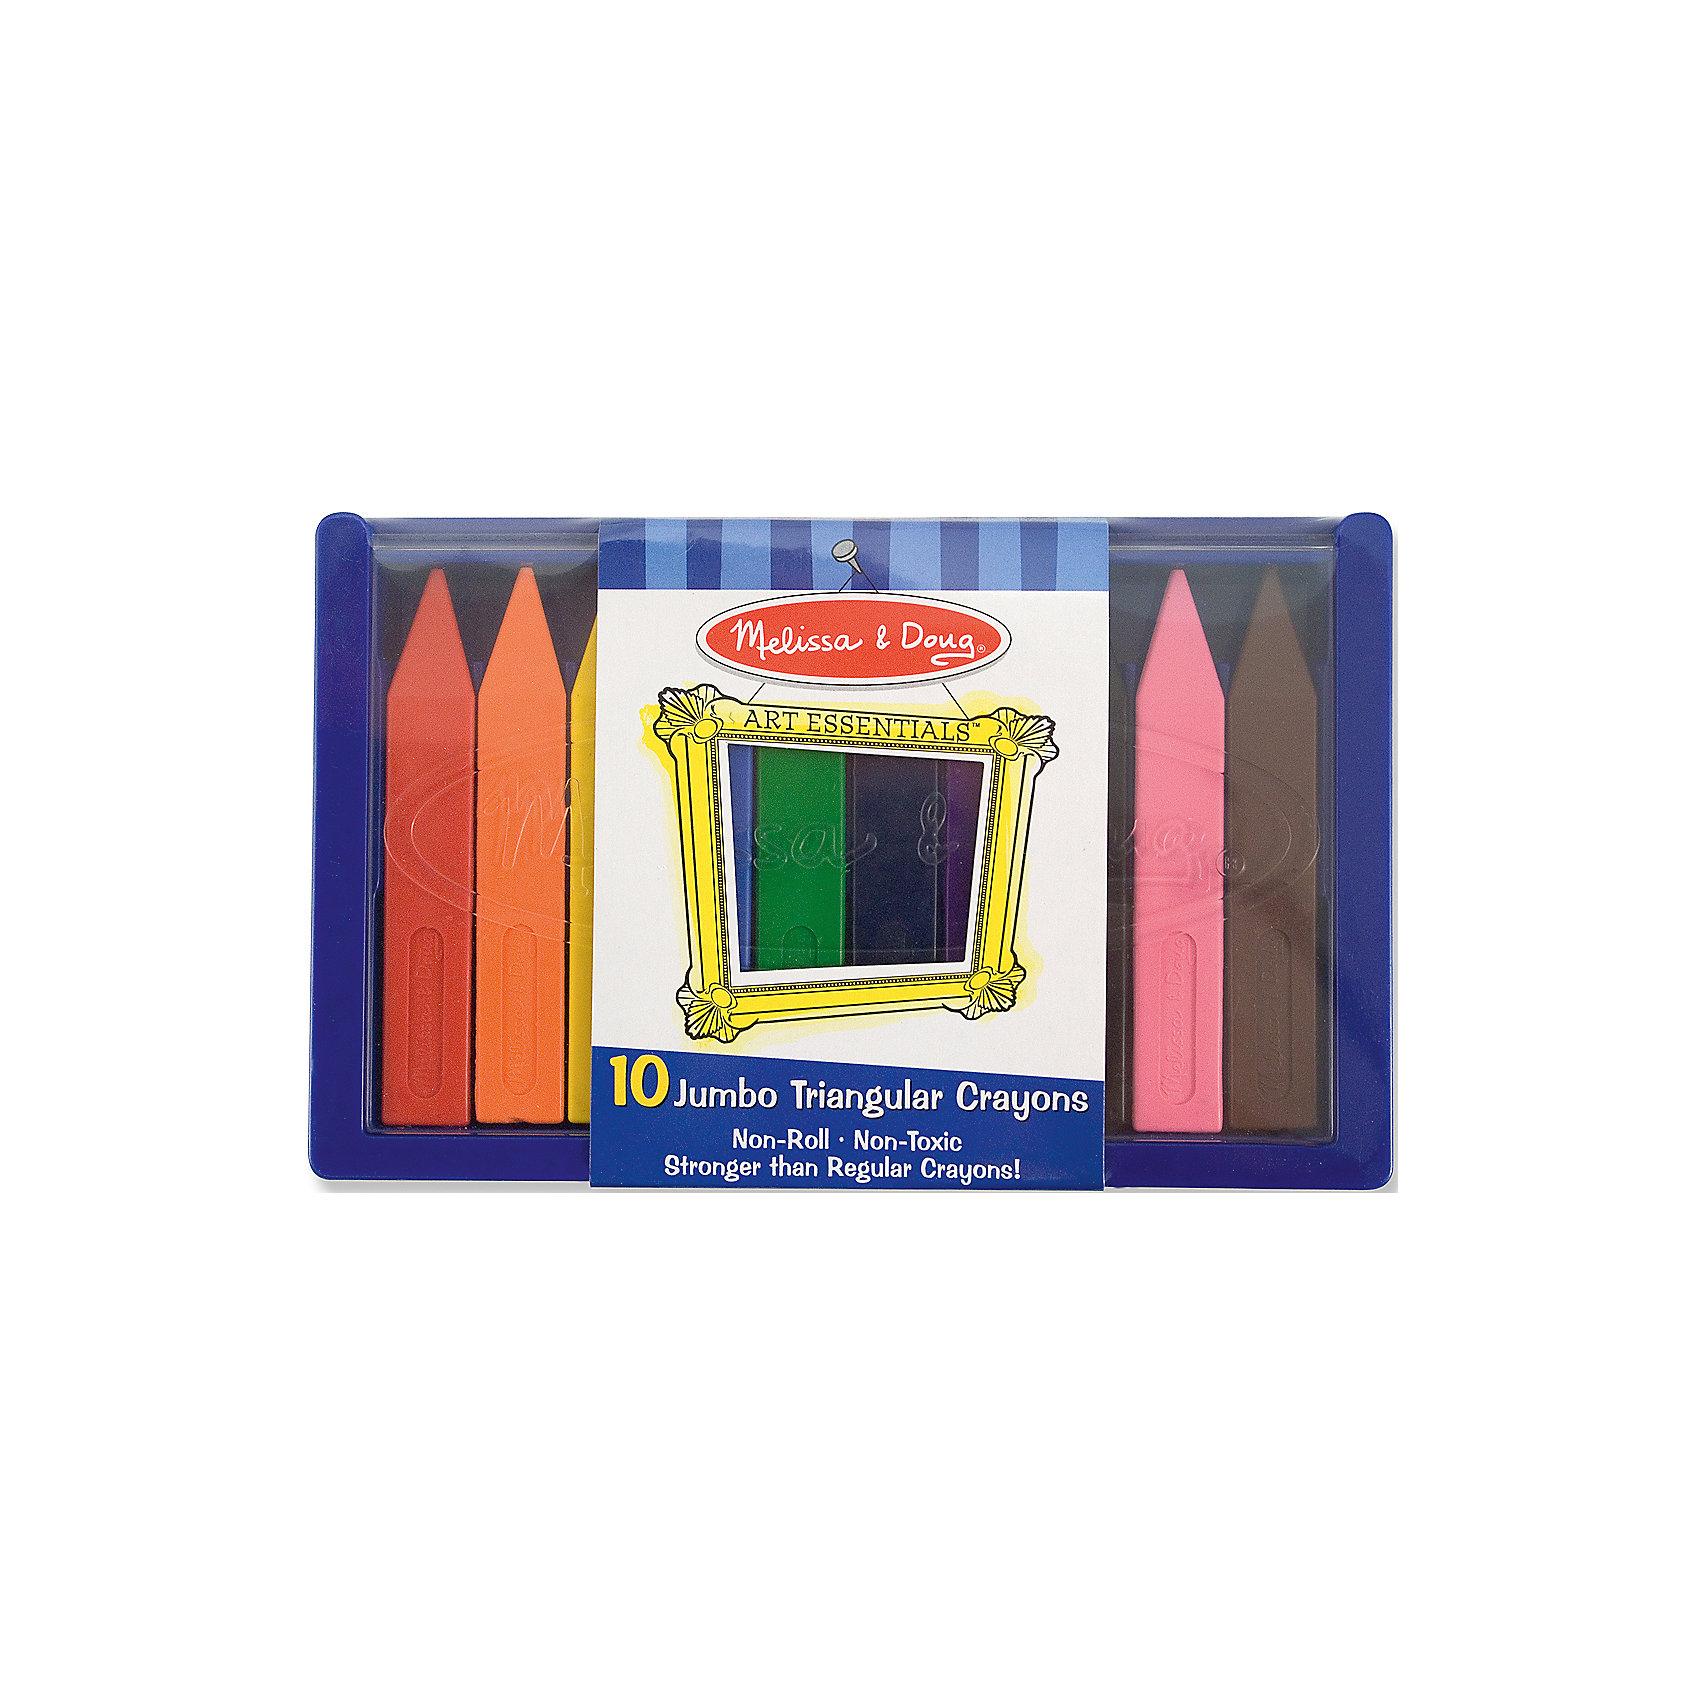 Набор больших КрайоновКакой ребенок не любит рисовать?! Цветные мелки – классический предмет для рисования на школьной доске или на асфальте во время перемены. Творчество – важная часть школьной и будничной жизни детей. Важно вносить разнообразие в рядовые процессы рисования. Например, познакомить ребенка с интересными техниками рисования или купить ему новые предметы для творчества. Отличный вариант – мелки крайоны. Они имеют большой размер и трехгранный корпус, что выглядит довольно необычно. Такая форма помогает мелкам не раскатываться по поверхности. Все материалы, использованные при изготовлении, отвечают международным требованиям по качеству и безопасности.<br><br>Дополнительная информация: <br><br>количество цветов: 10;<br>упаковка: пластиковая коробка;<br>размер: 20 х 13 х 2 см.<br><br>Набор больших Крайонов можно приобрести в нашем магазине.<br><br>Ширина мм: 200<br>Глубина мм: 20<br>Высота мм: 130<br>Вес г: 250<br>Возраст от месяцев: 36<br>Возраст до месяцев: 72<br>Пол: Унисекс<br>Возраст: Детский<br>SKU: 4993648